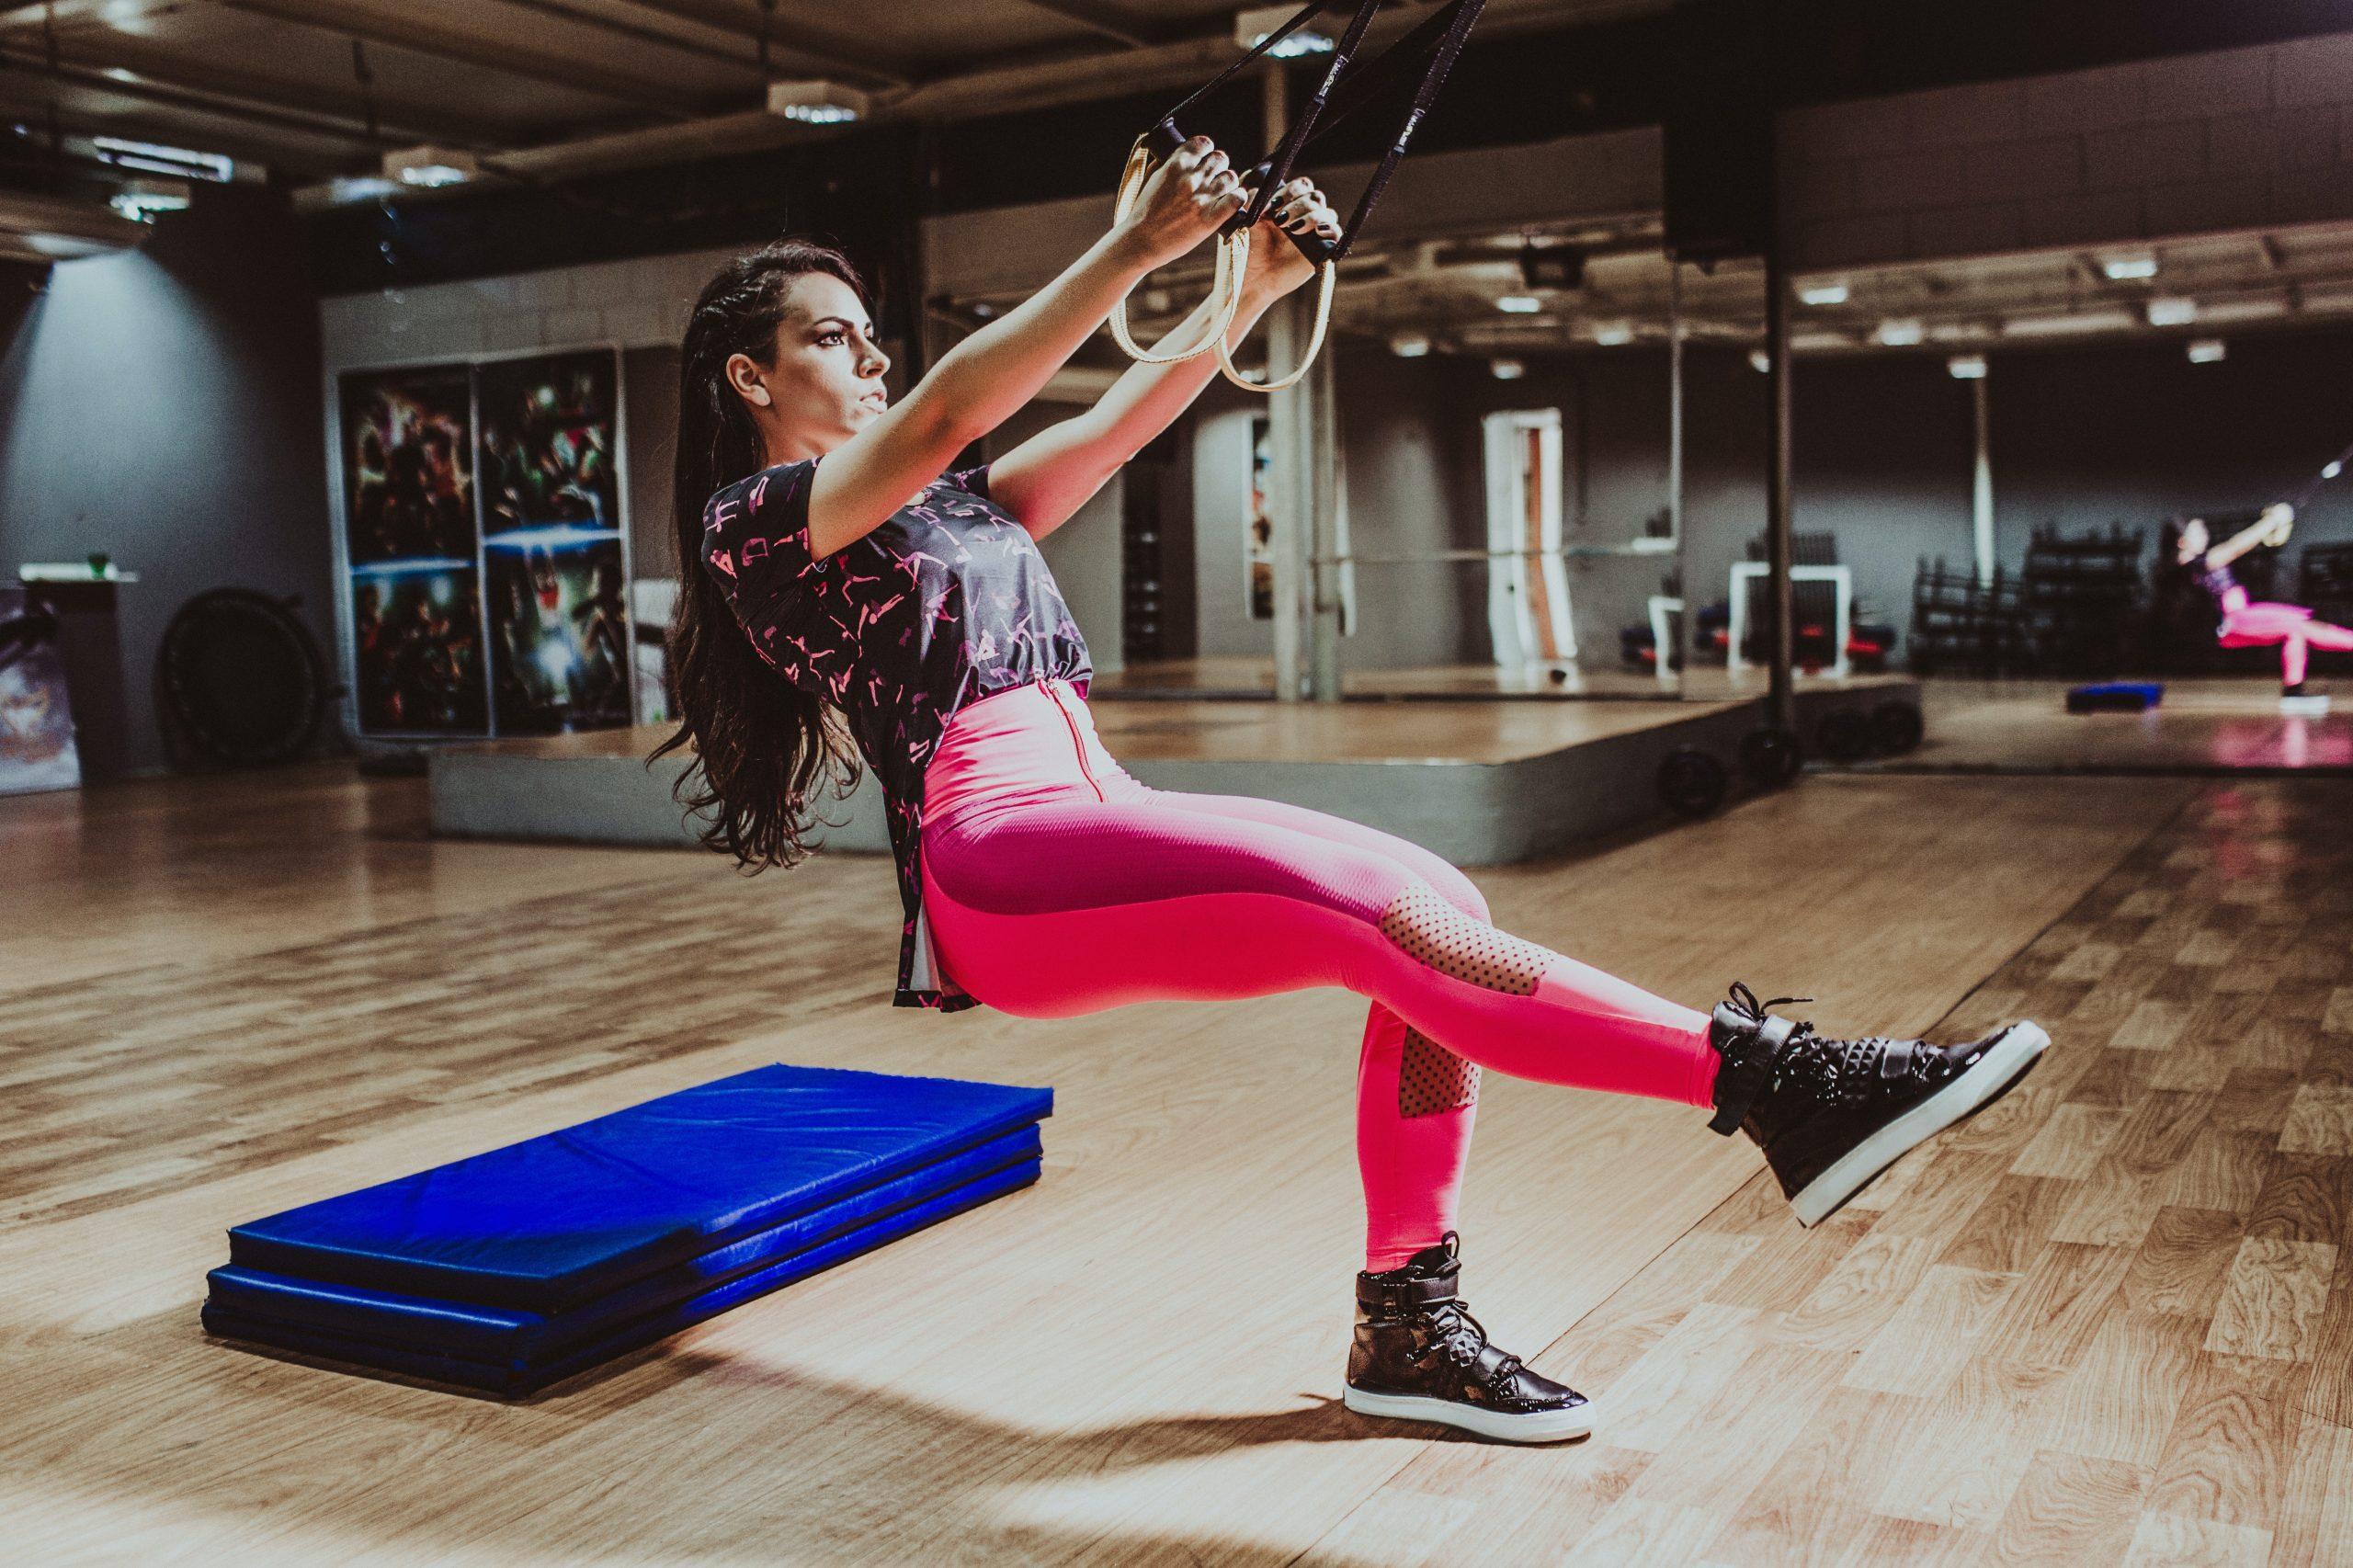 mulher com roupa de ginástica realizando exercício no TRX em uma sala de academia.